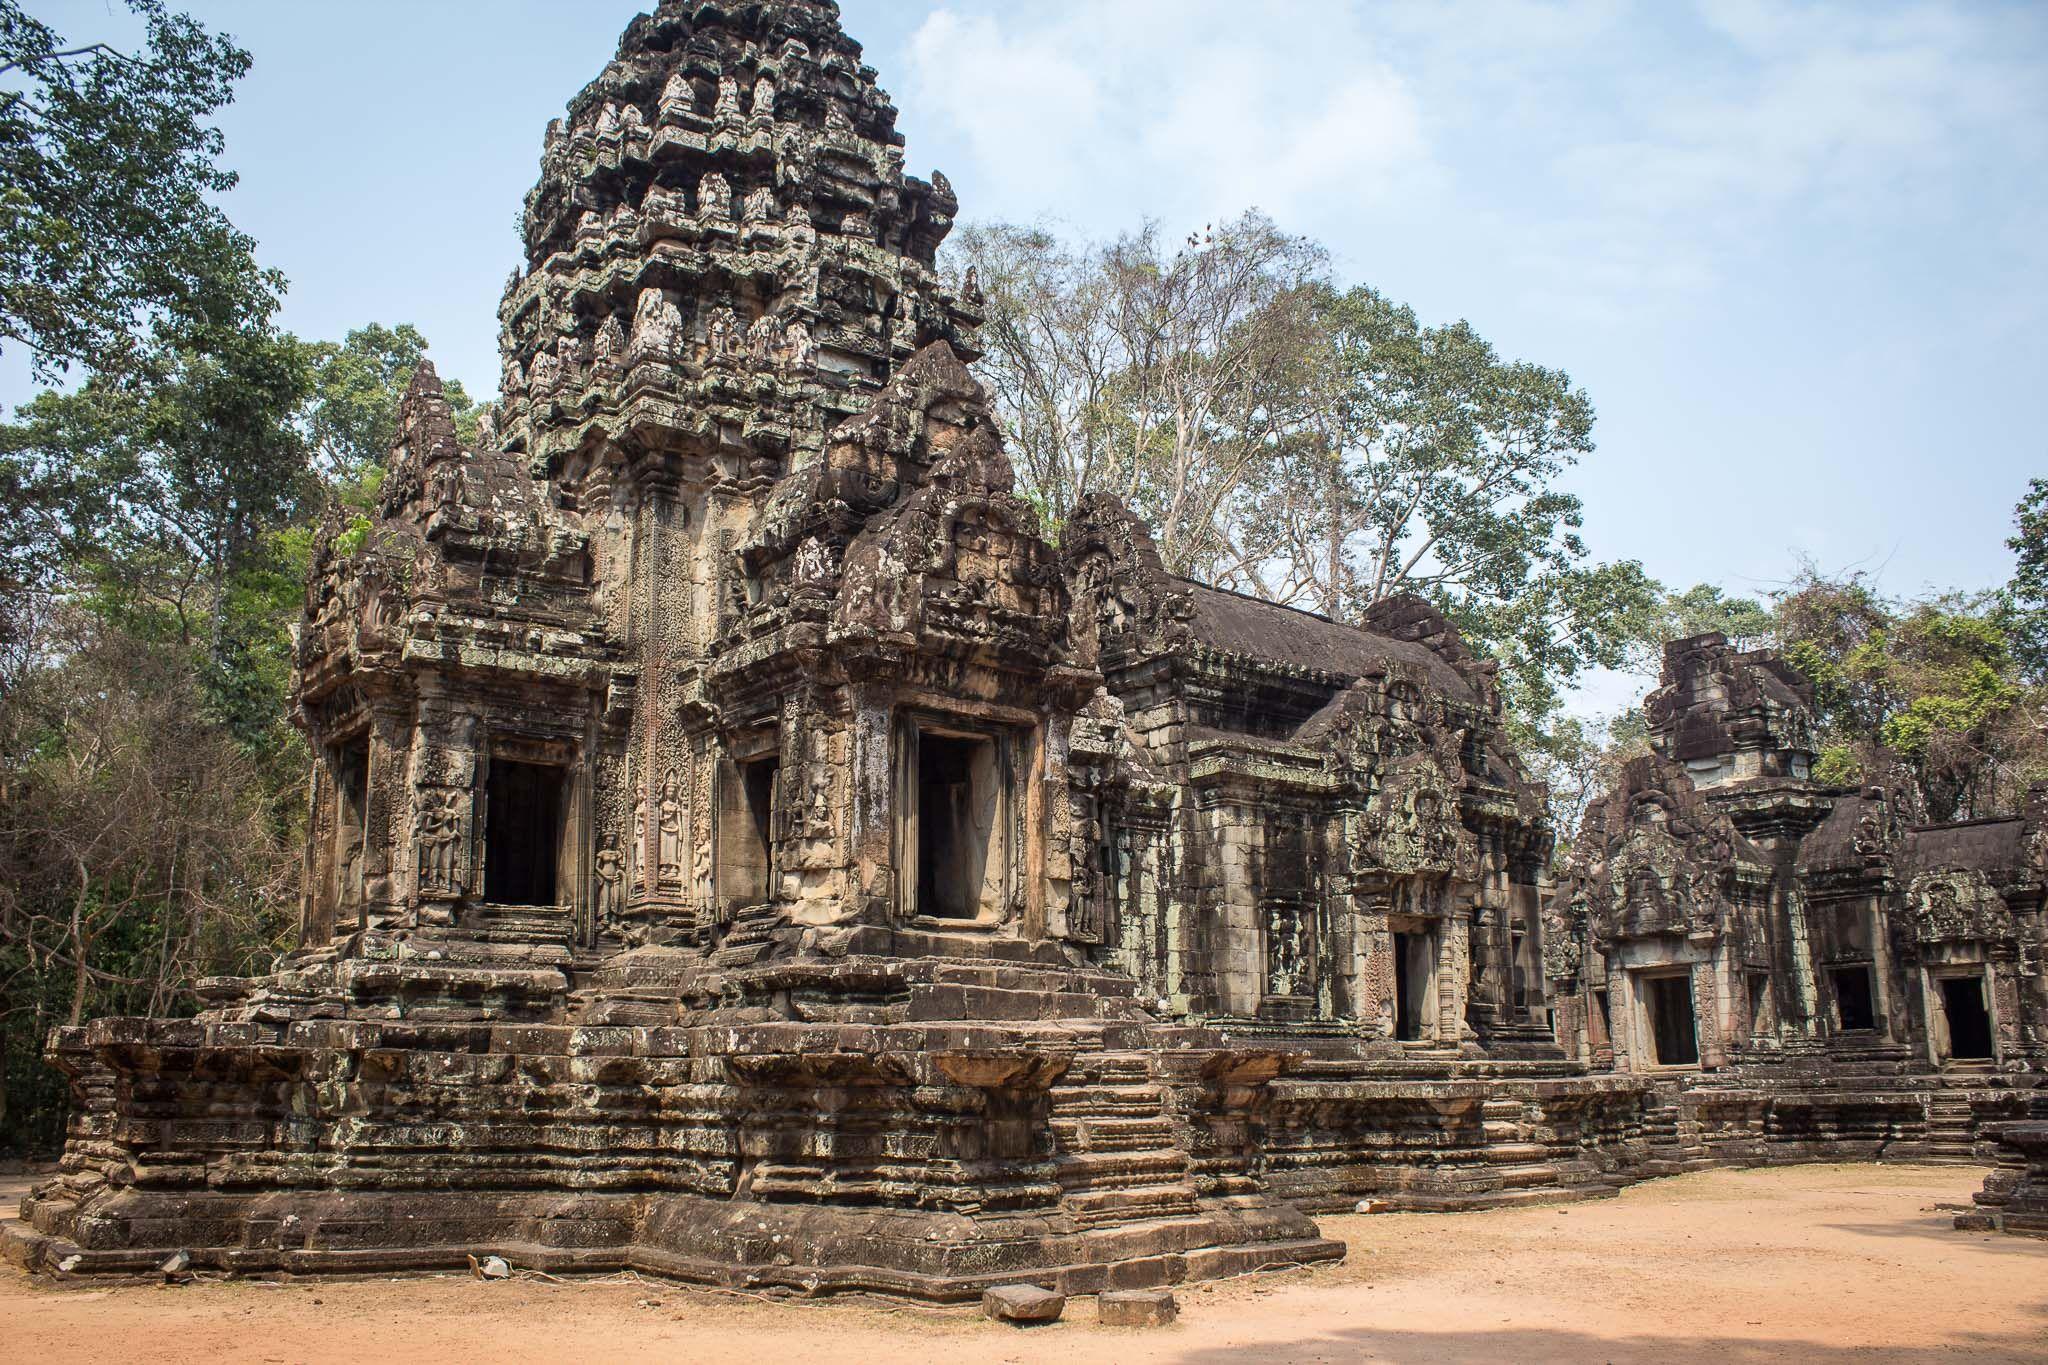 Chau Say Tevoda, angkor temples, cambodia, siem reap, visiting angkor, best temples